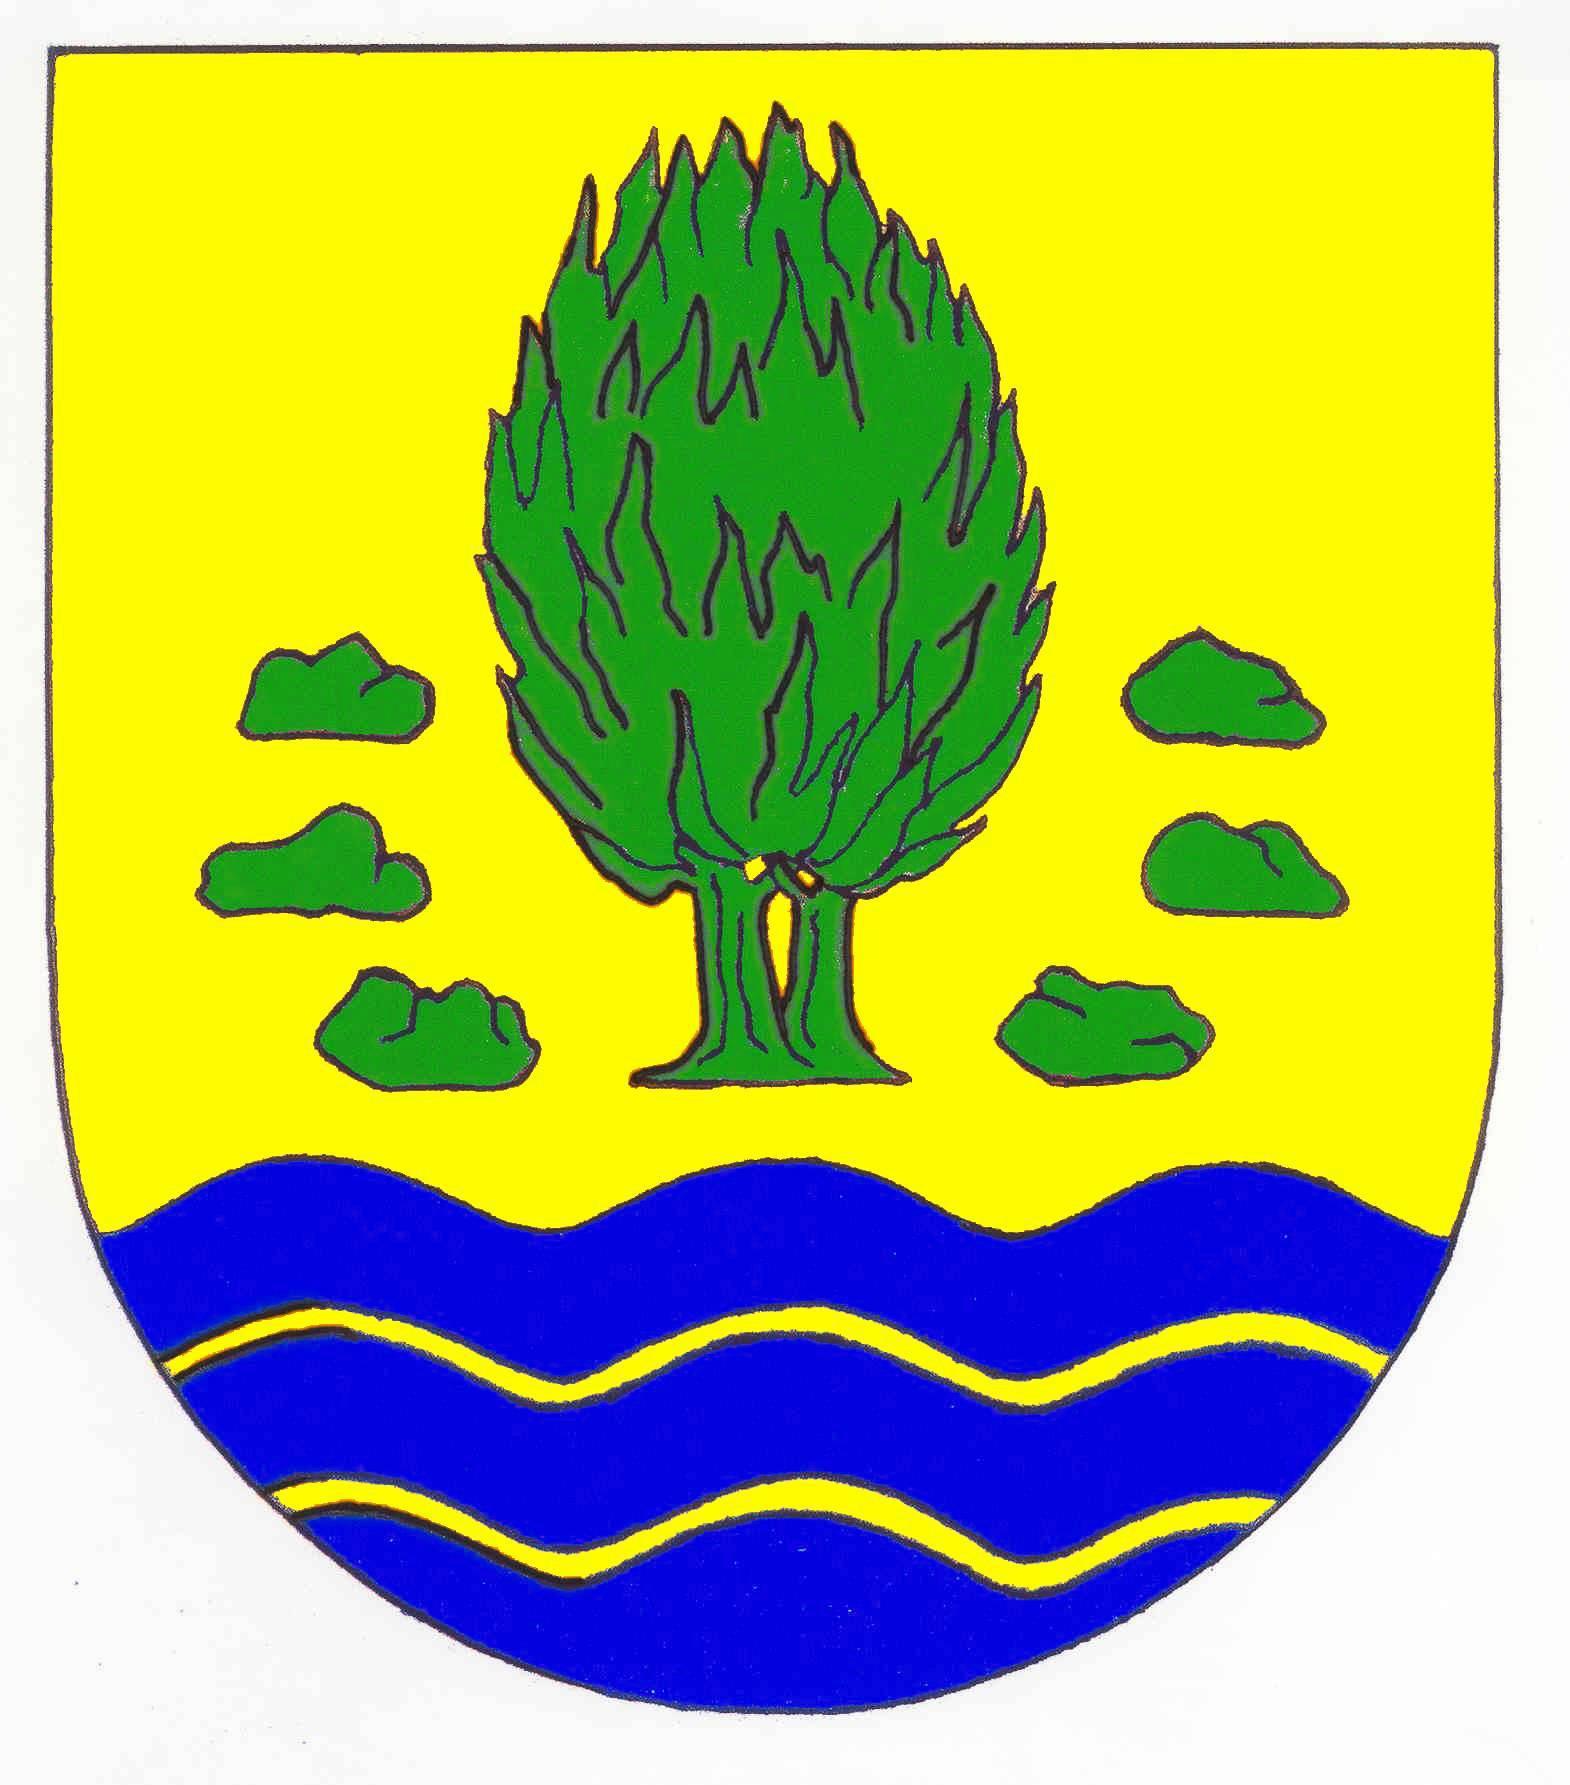 Wappen GemeindeIdstedt, Kreis Schleswig-Flensburg